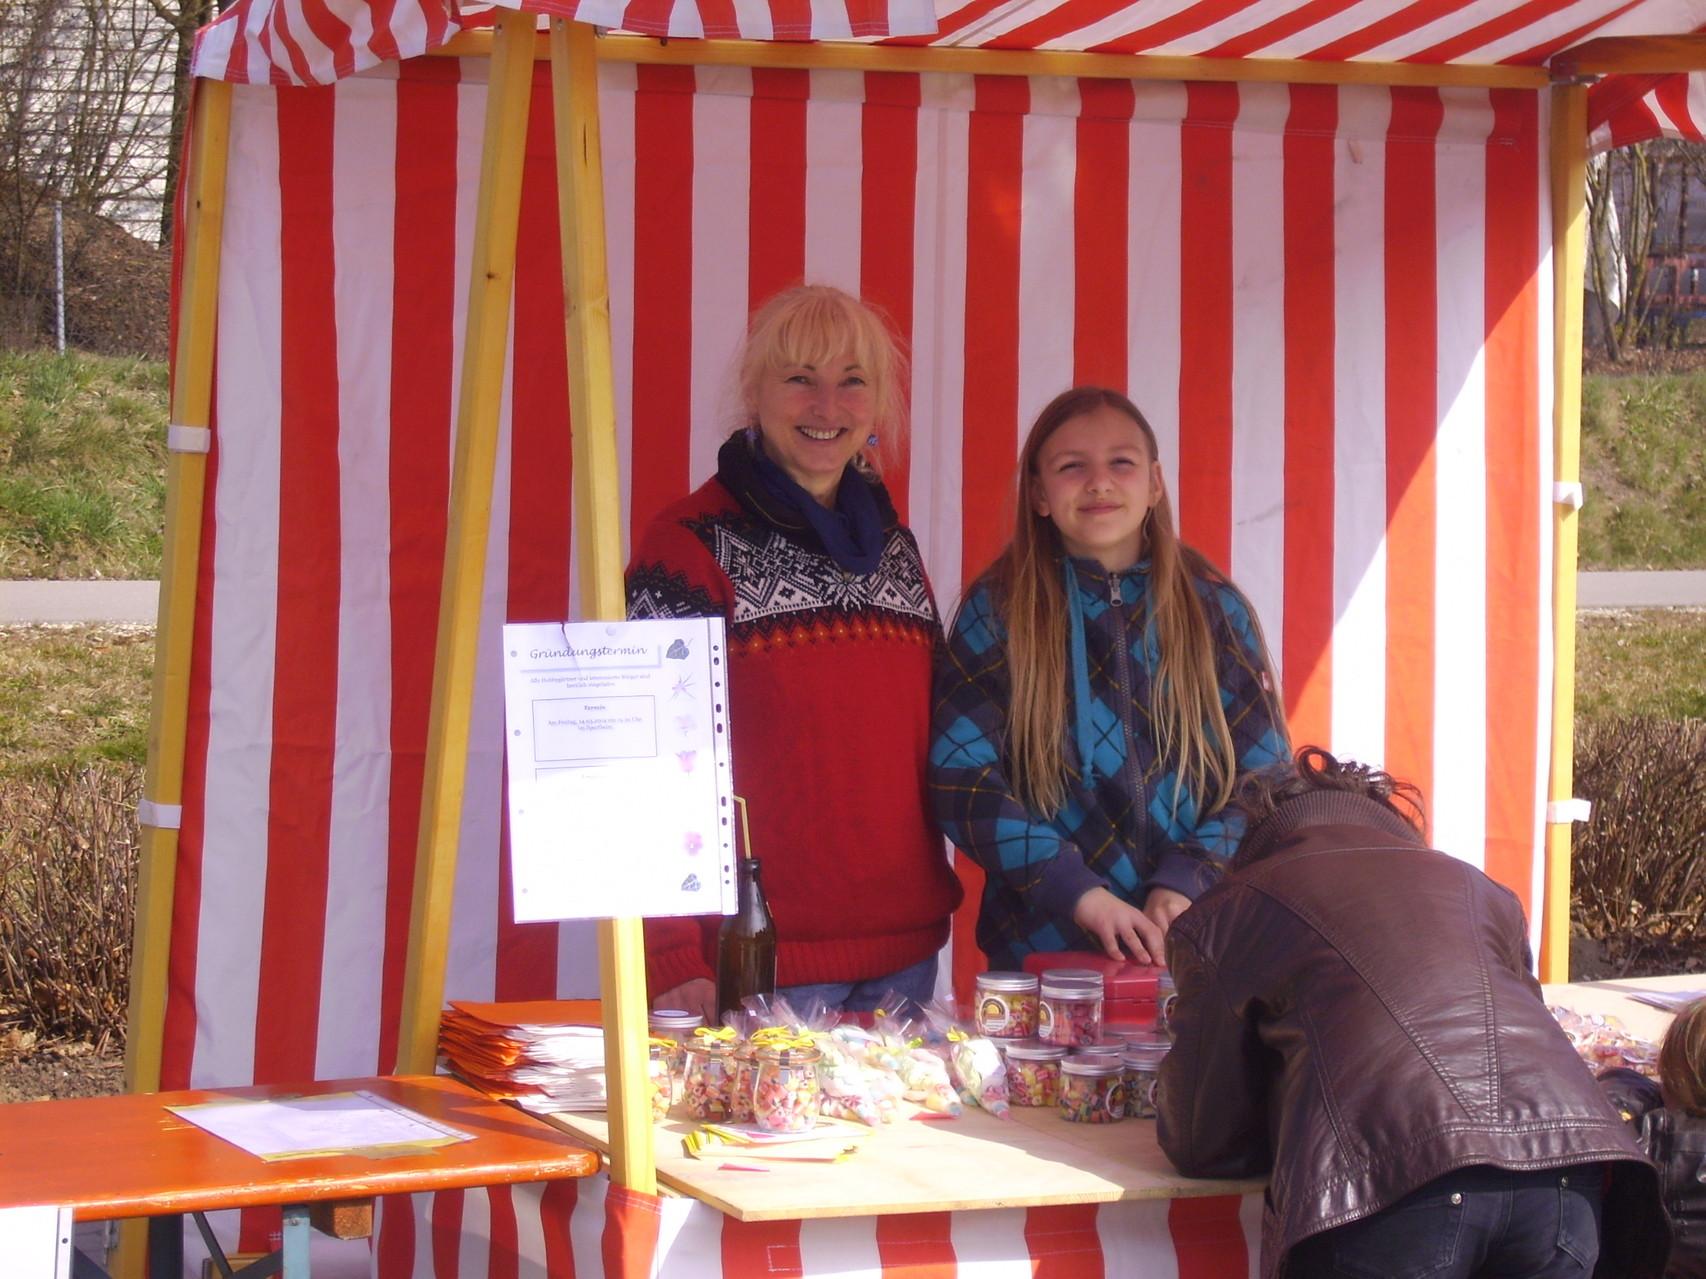 Zwei GUZZI-Frauen / Oma und Enkelin verkaufen GUZZIS aus Augsburg - Ein tolles Team! Den Beiden hat es richtig Spaß gemacht!